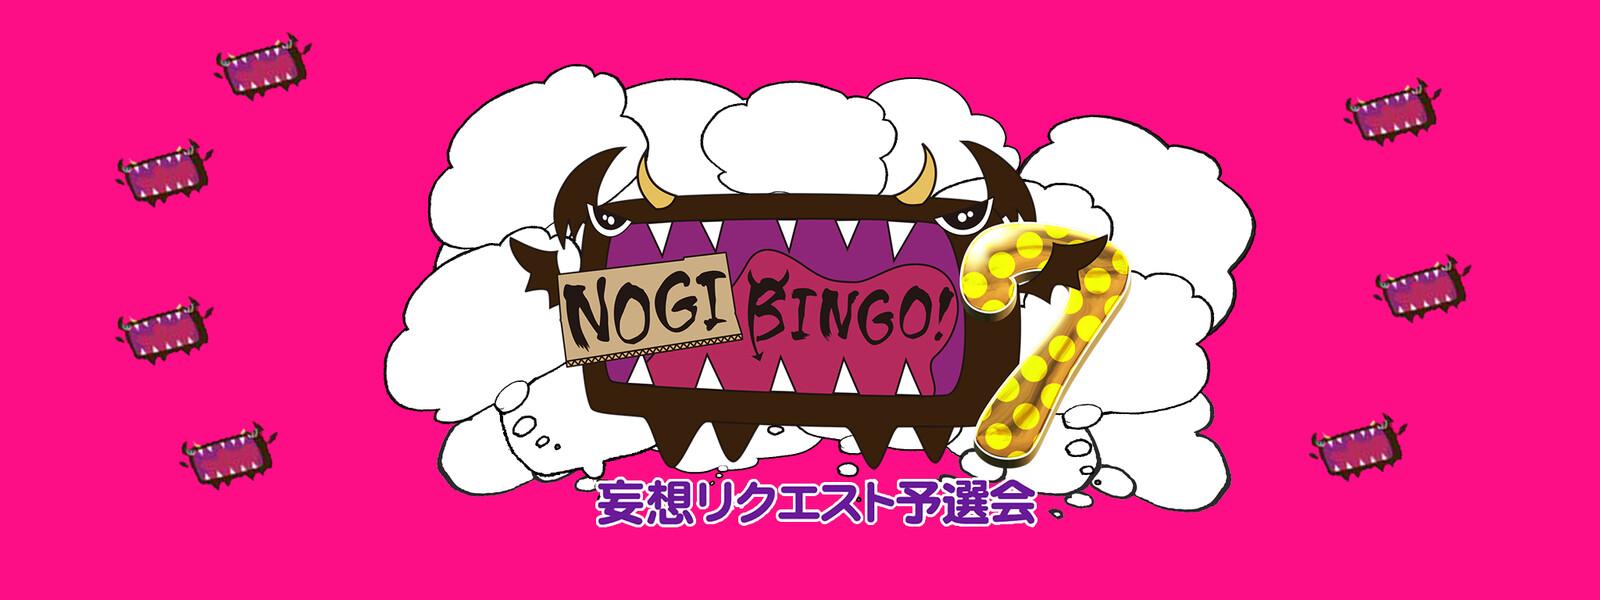 NOGIBINGO! 7 妄想リクエスト予選会の動画 - NOGIBINGO! 7